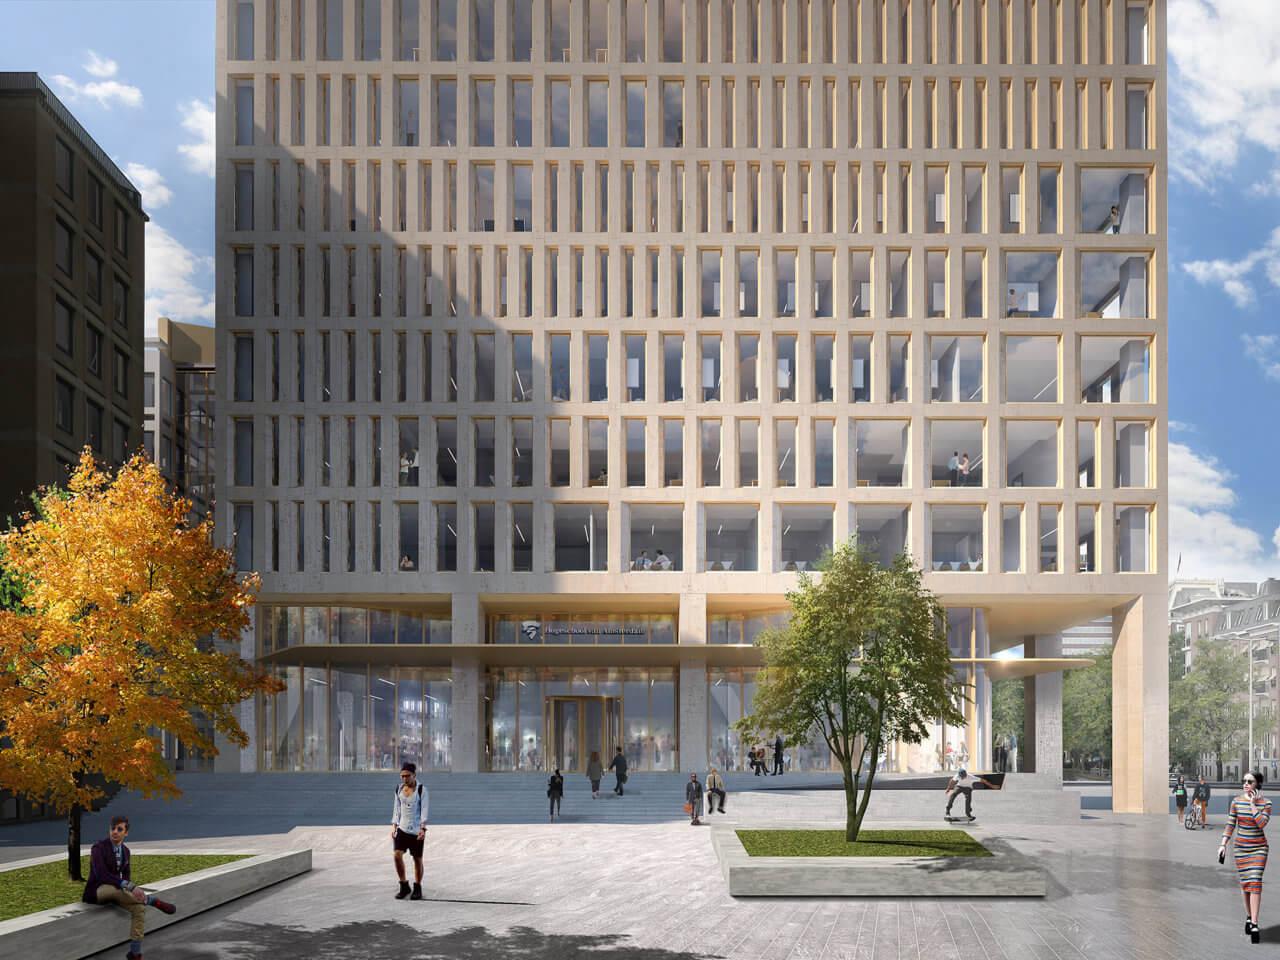 Powerhouse Company - Rhijnspoorgebouw - Rhijnspoorplein - Image by Powerhouse Company sm